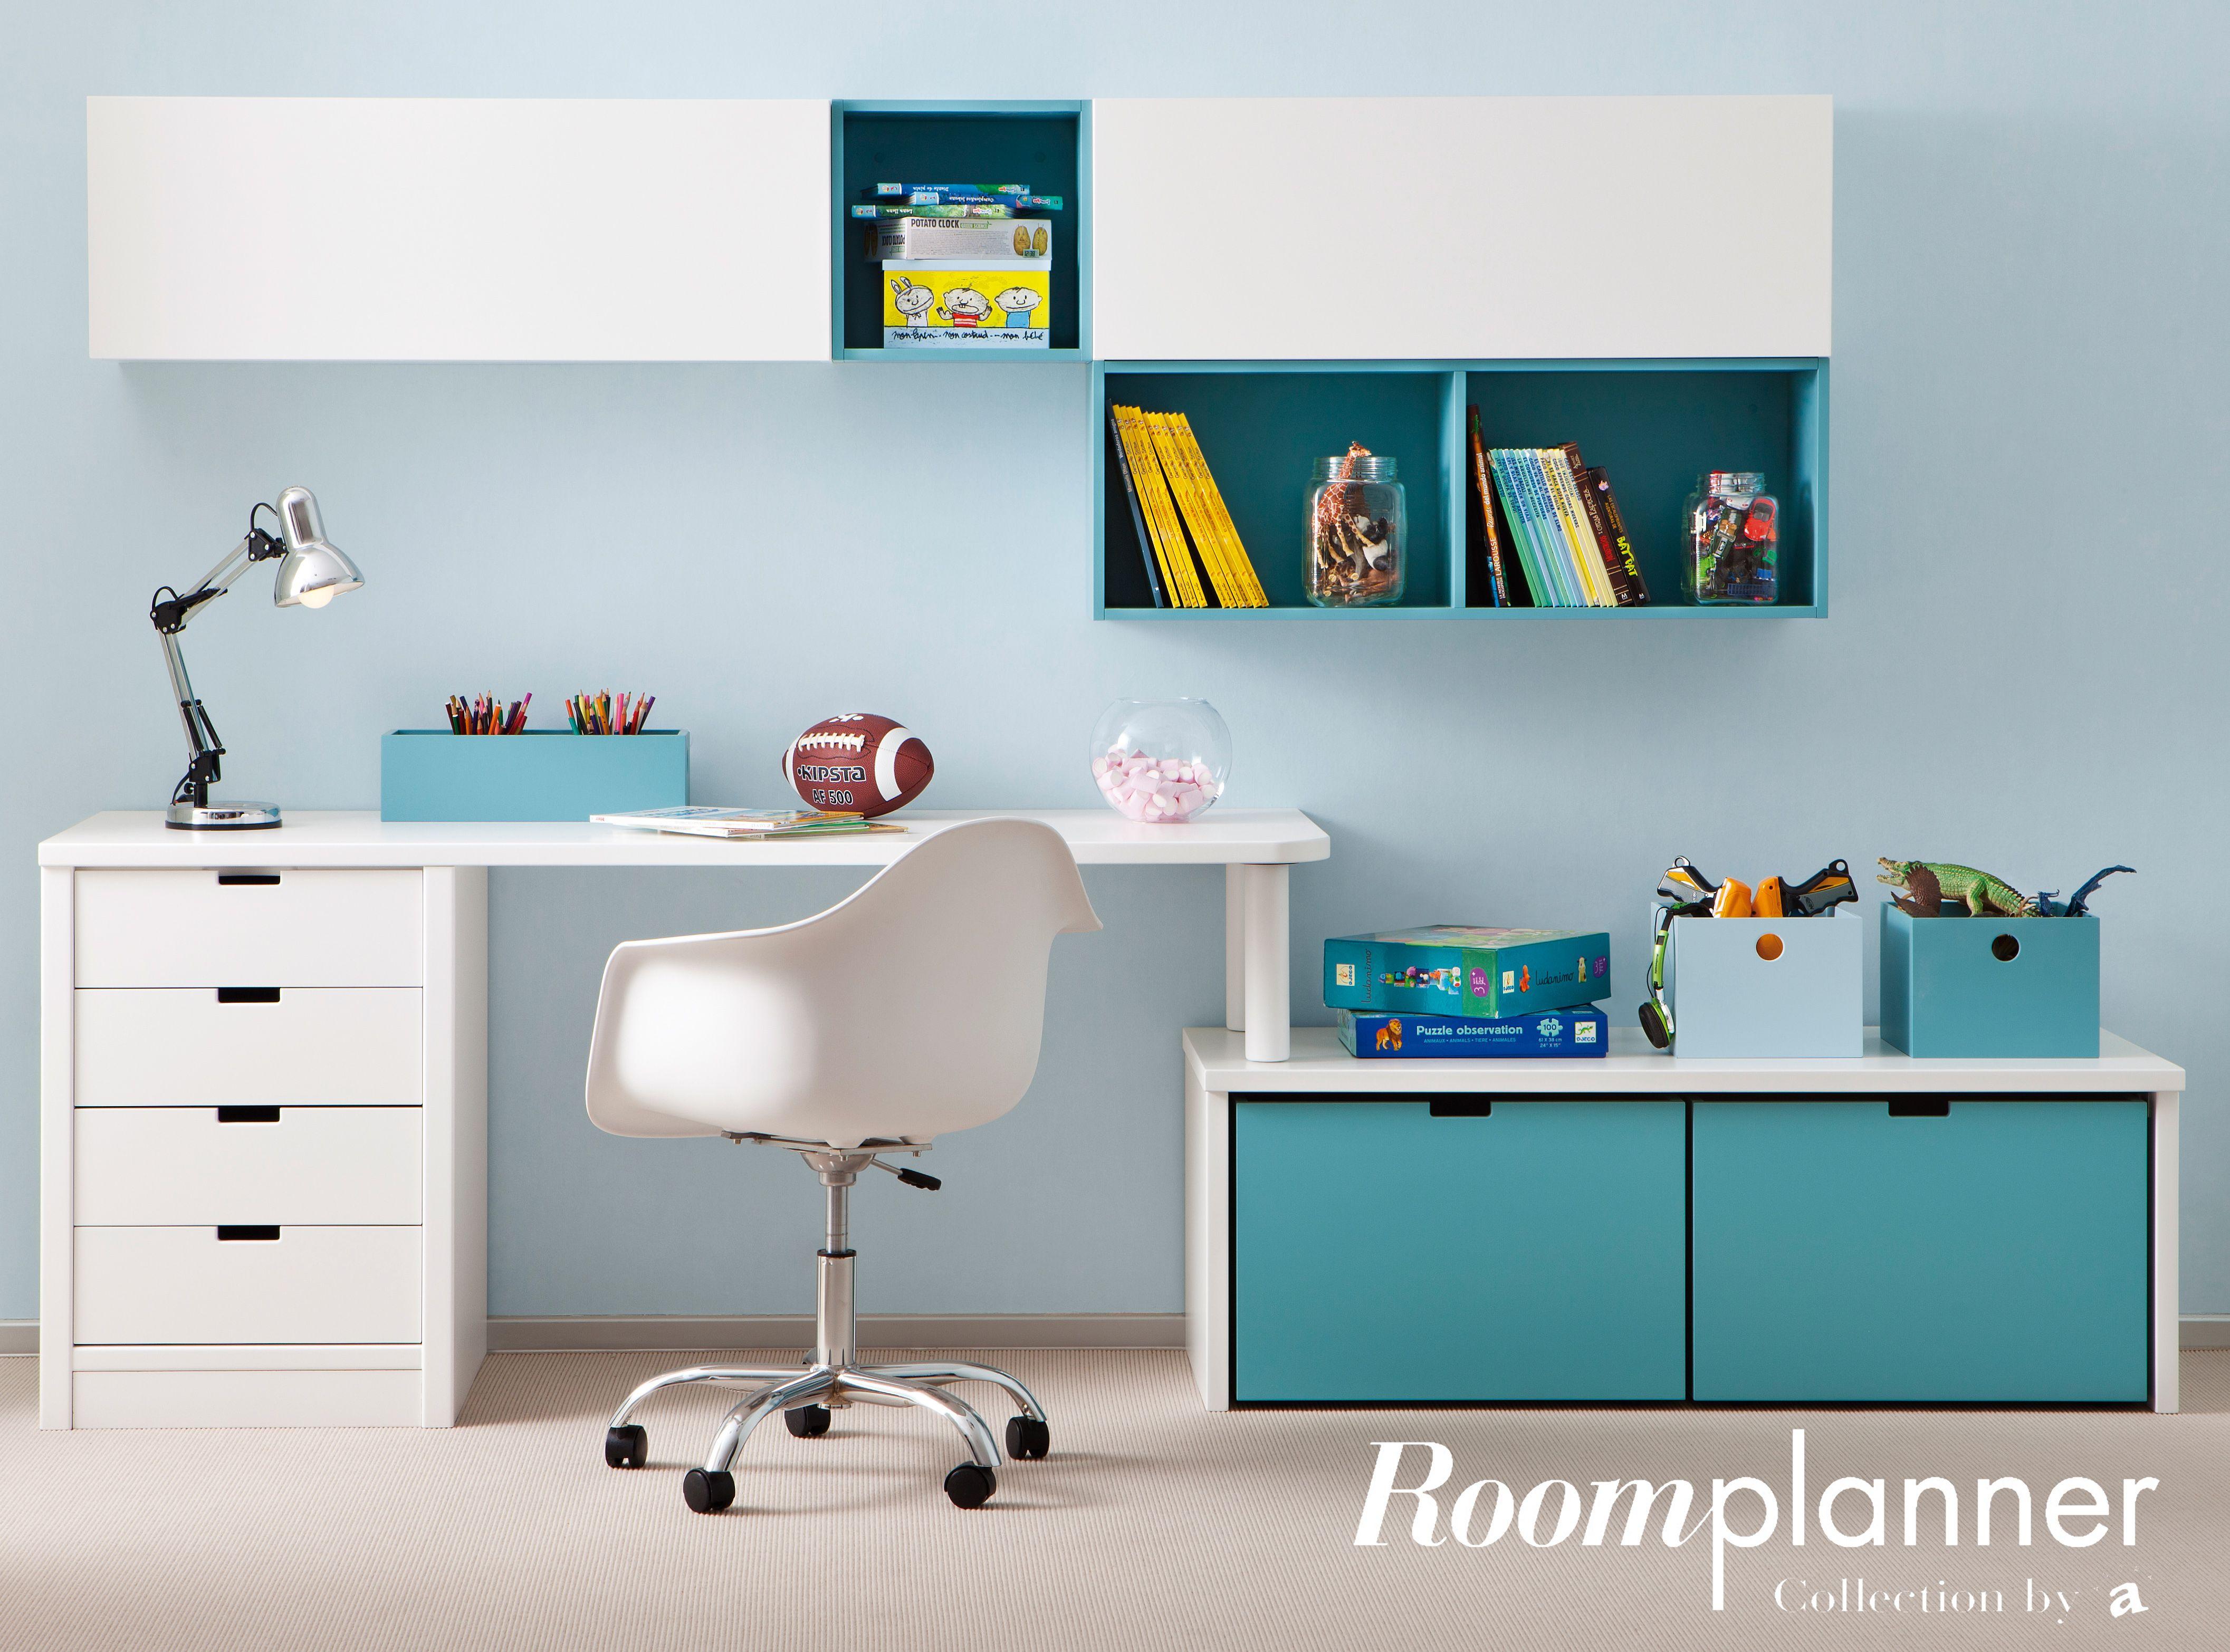 Kinderkamer naar wens gemaakt, kies uit meer dan 16